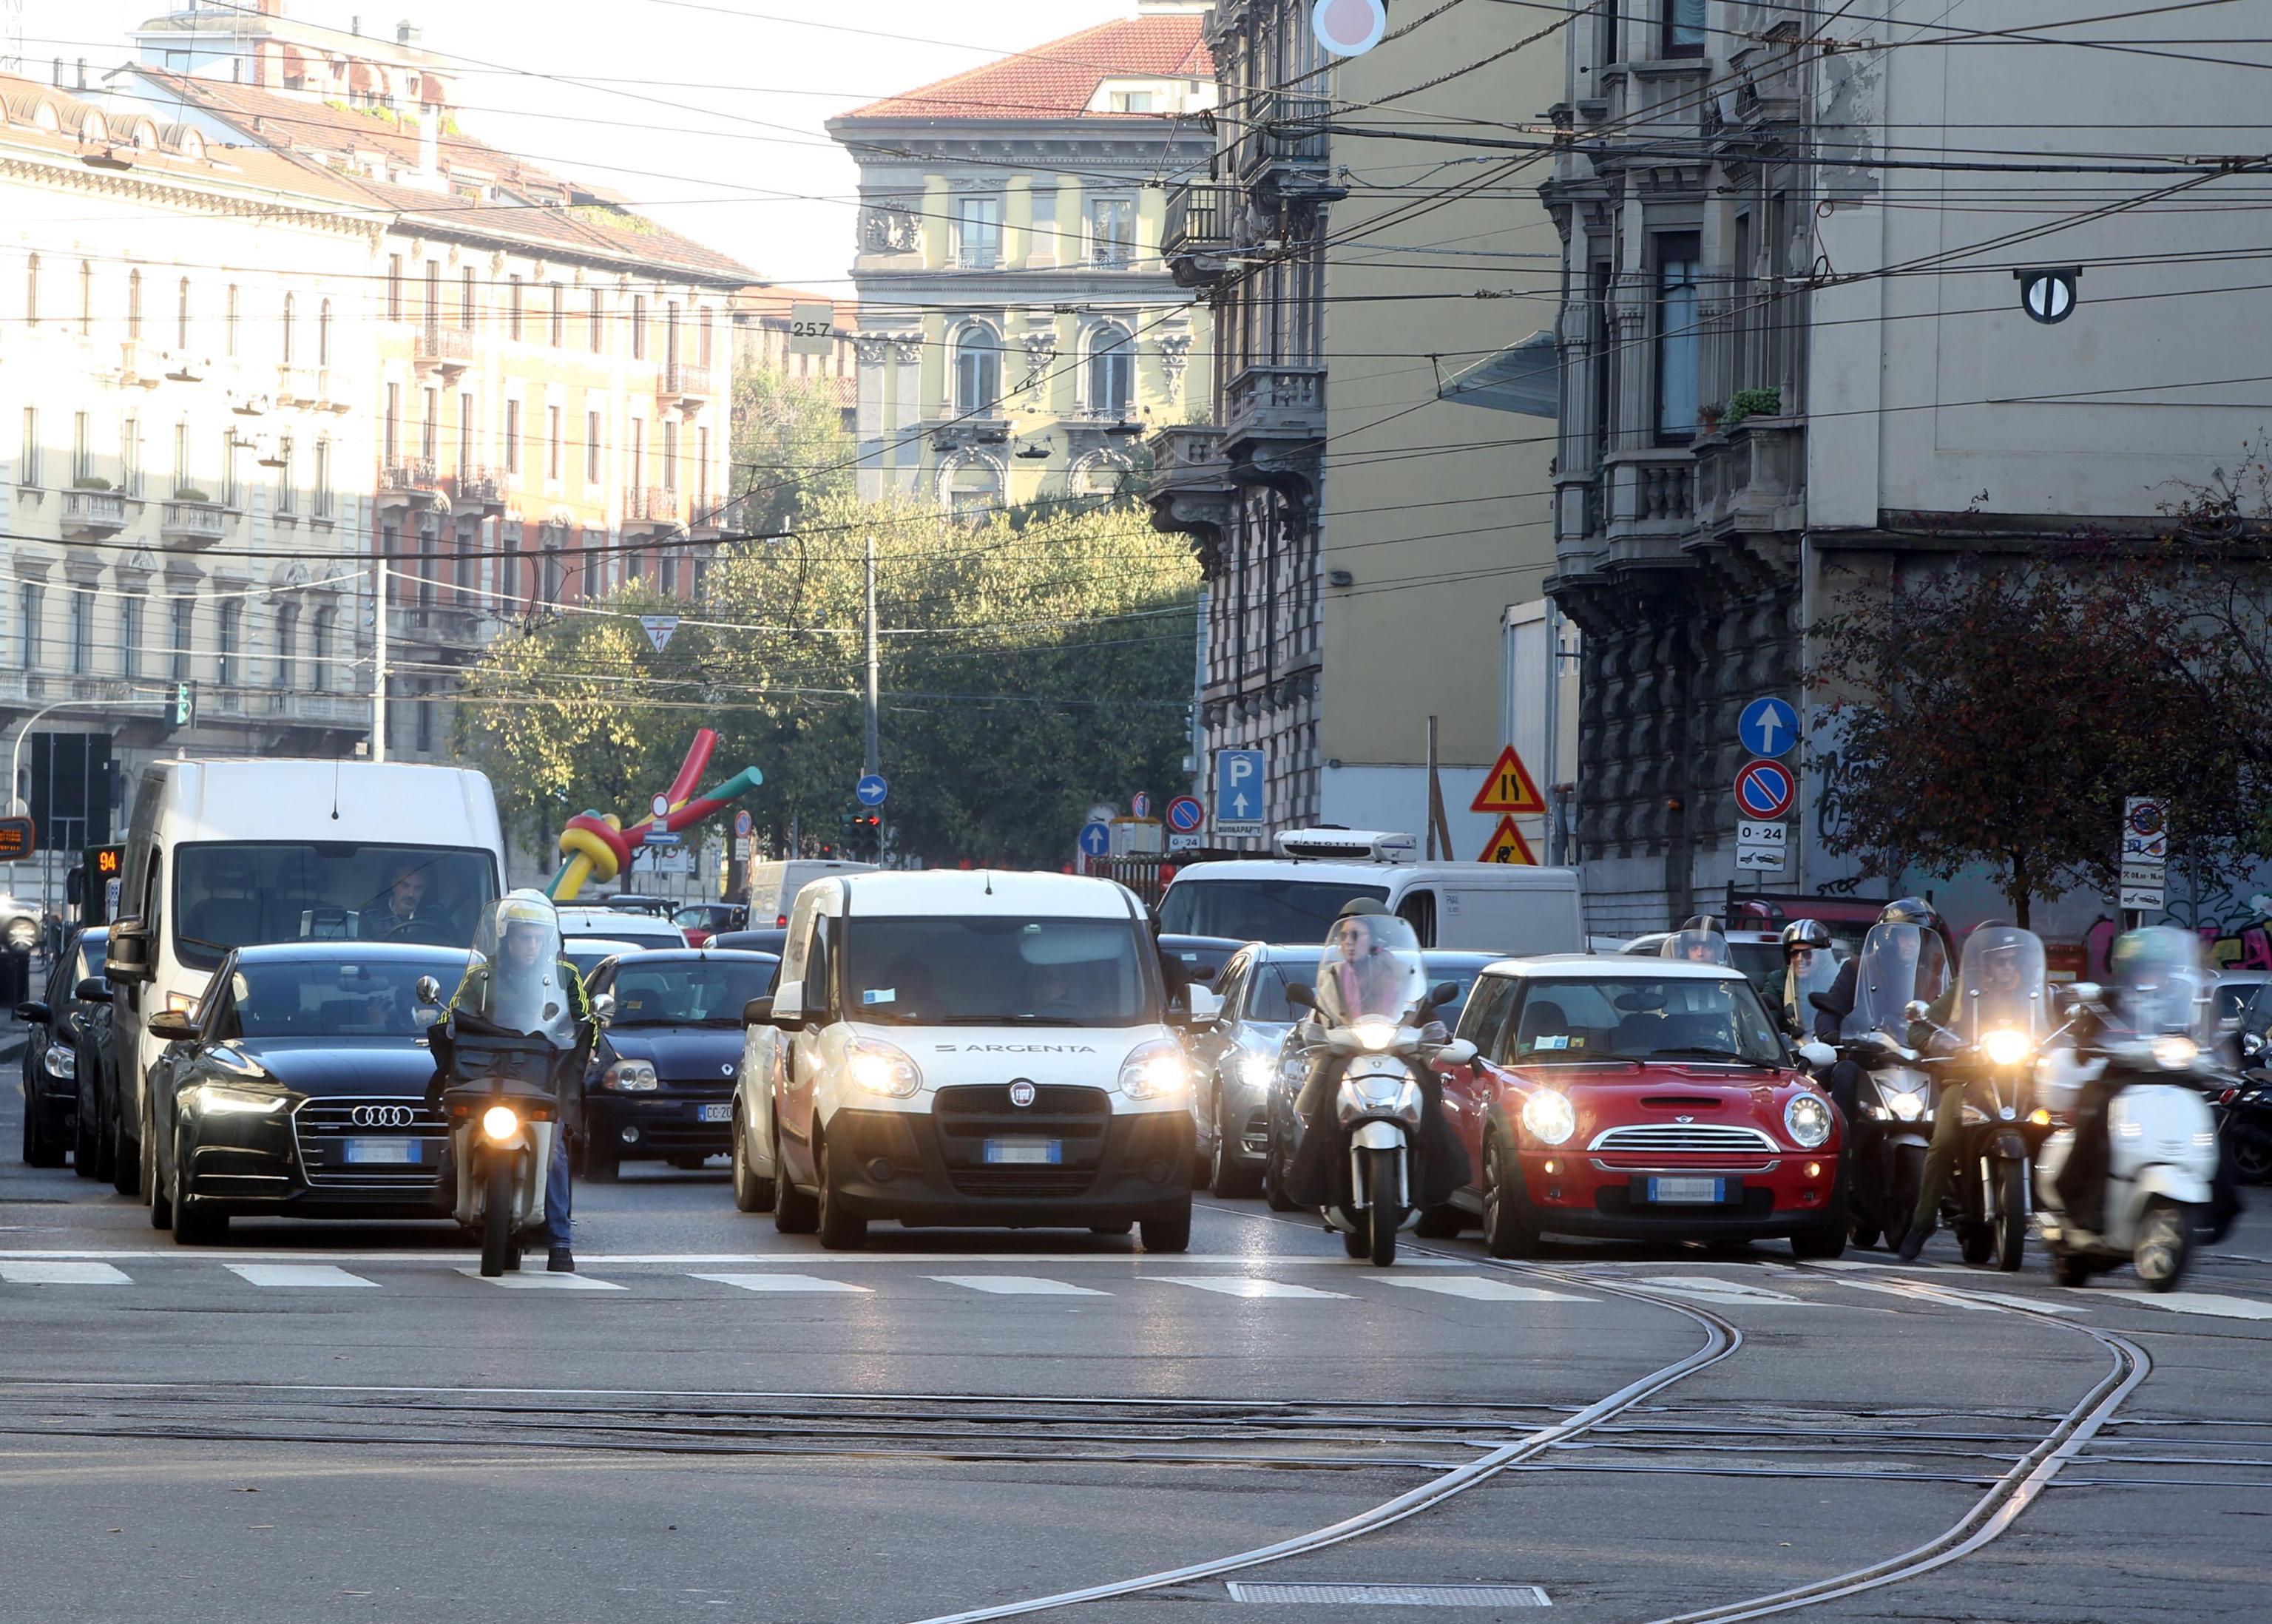 Esenzione bollo auto: quando non si paga la tassa automobilistica